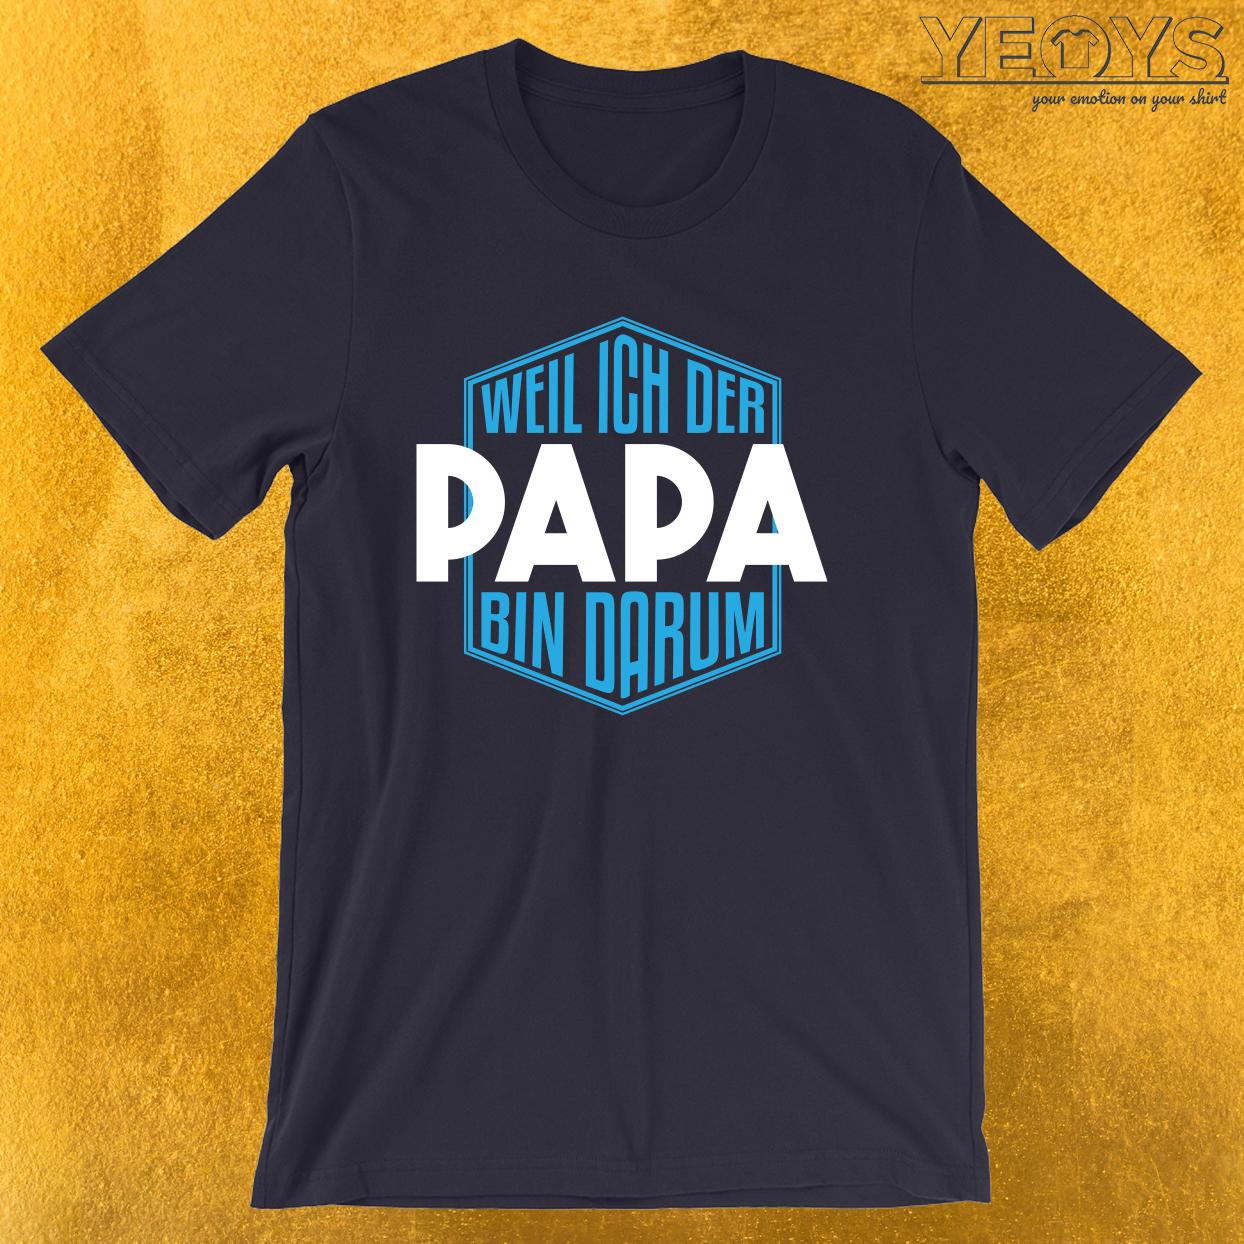 Weil Ich Der Papa Bin Darum – Papa Tee